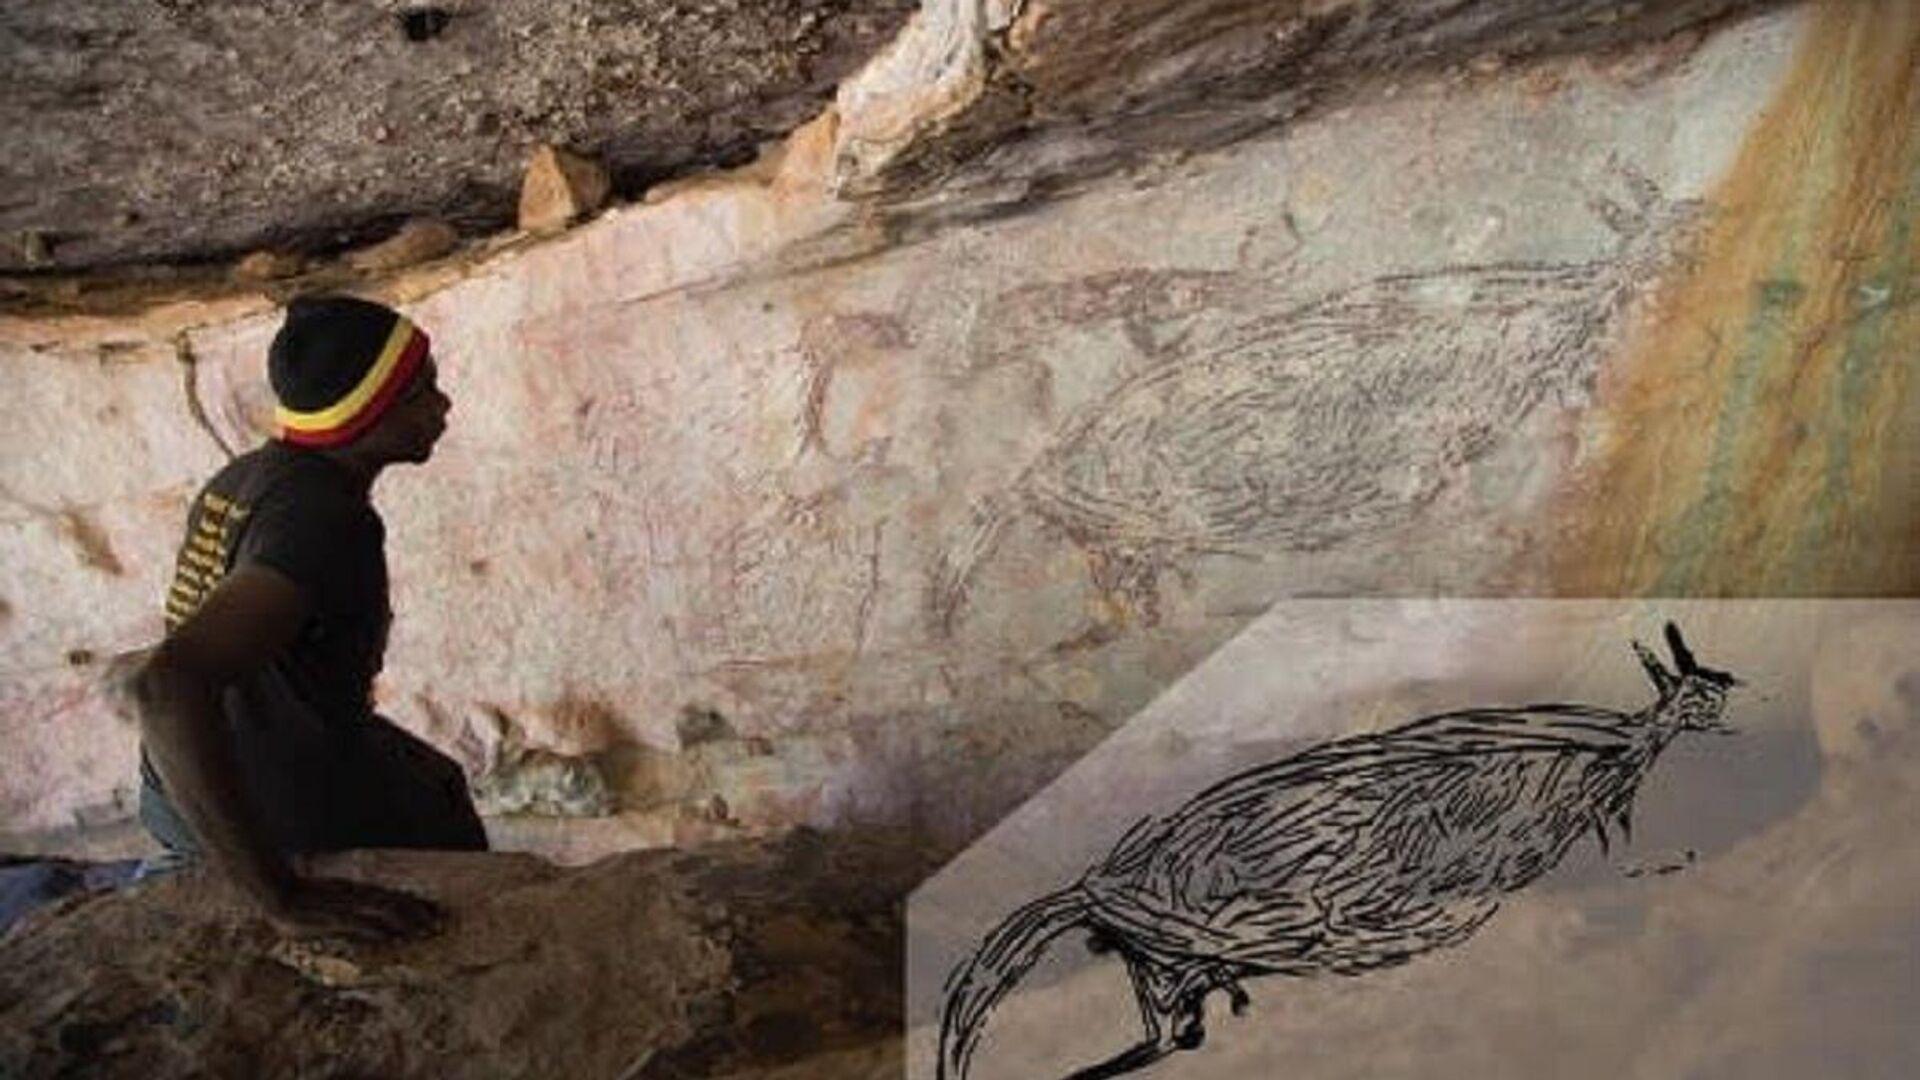 El dibujo rupestre más antiguo de Australia que tiene edad de más de 17.000 años - Sputnik Mundo, 1920, 23.02.2021